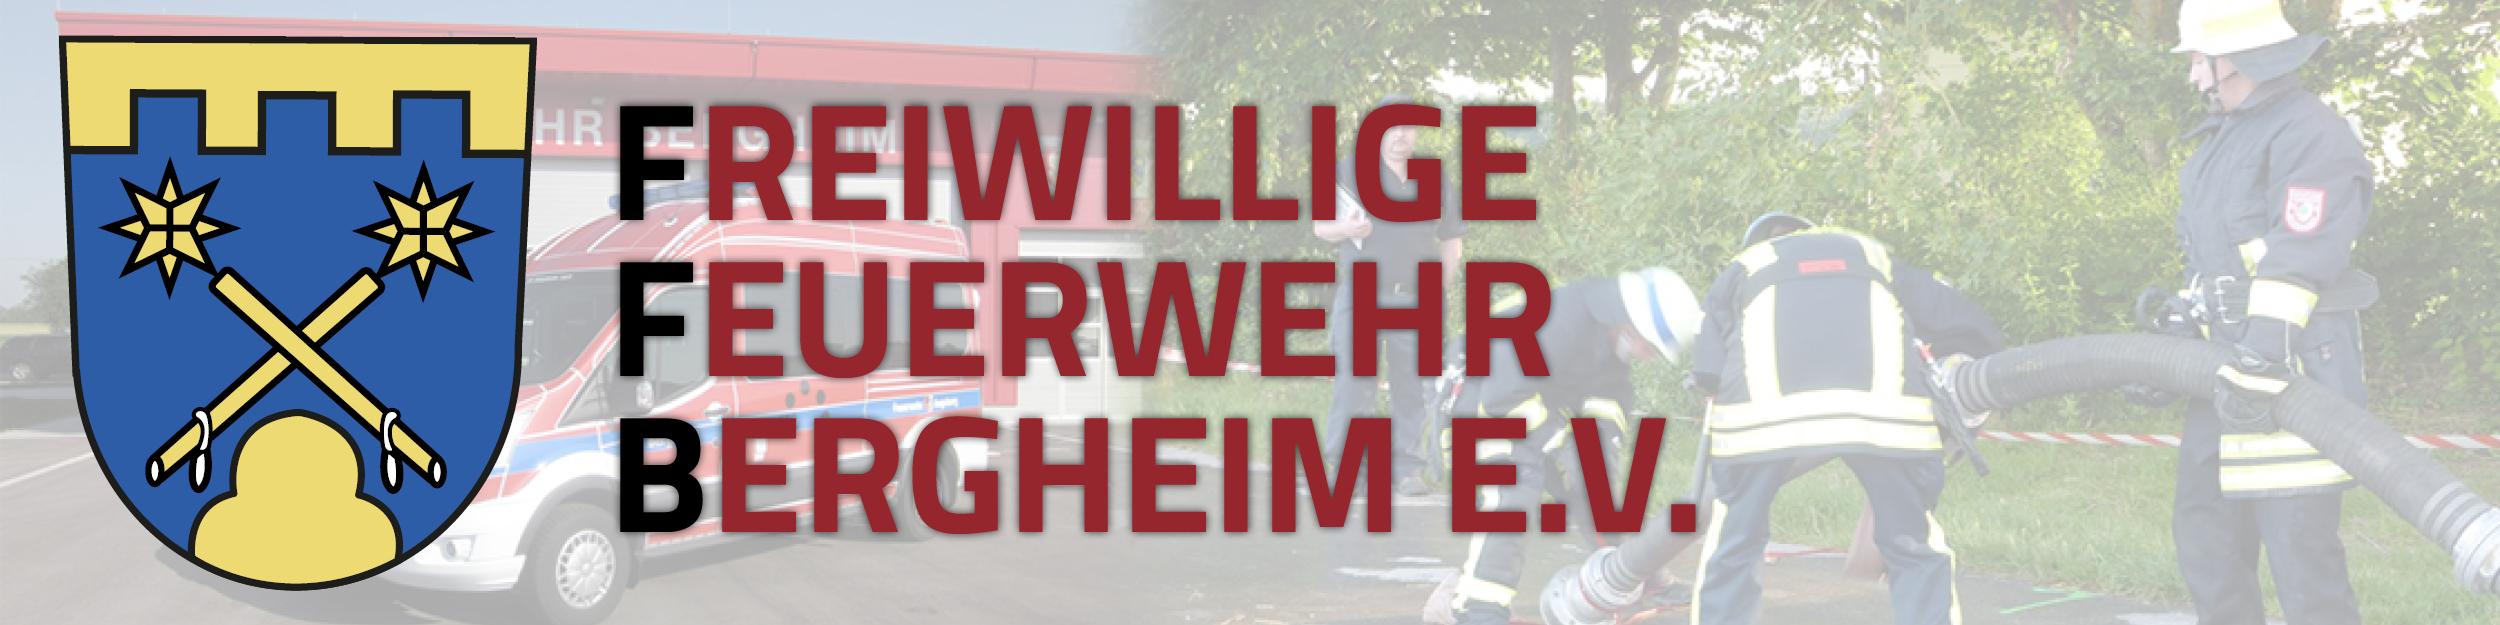 Freiwillige Feuerwehr Bergheim-Augsburg e.V.